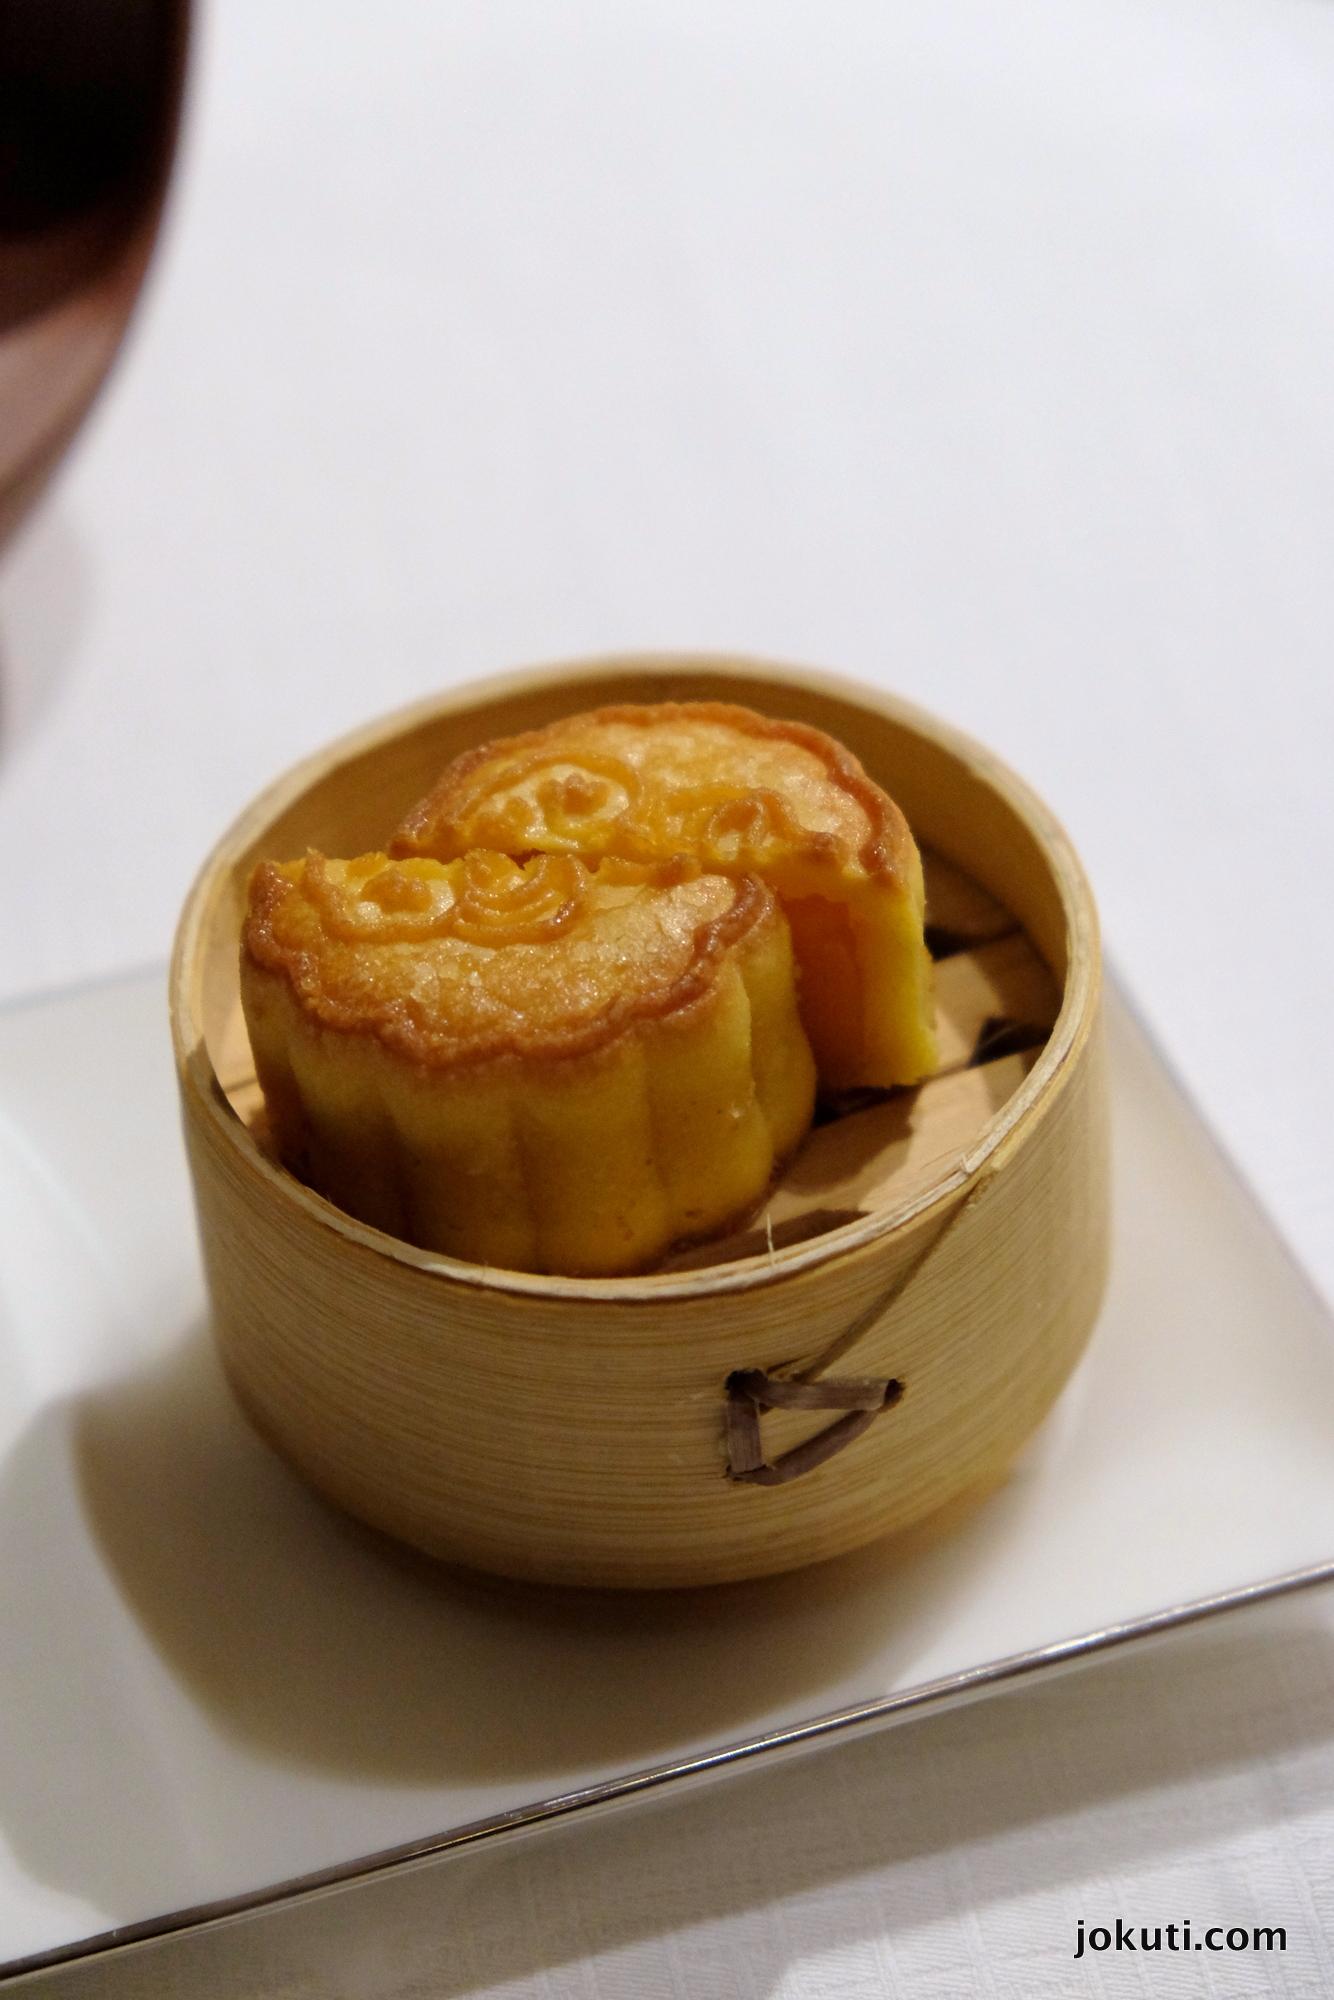 dscf6955_jade_dragon_restaurant_cantonese_chinese_michelin_macau_makao_china_kinai_vilagevo_jokuti.jpg